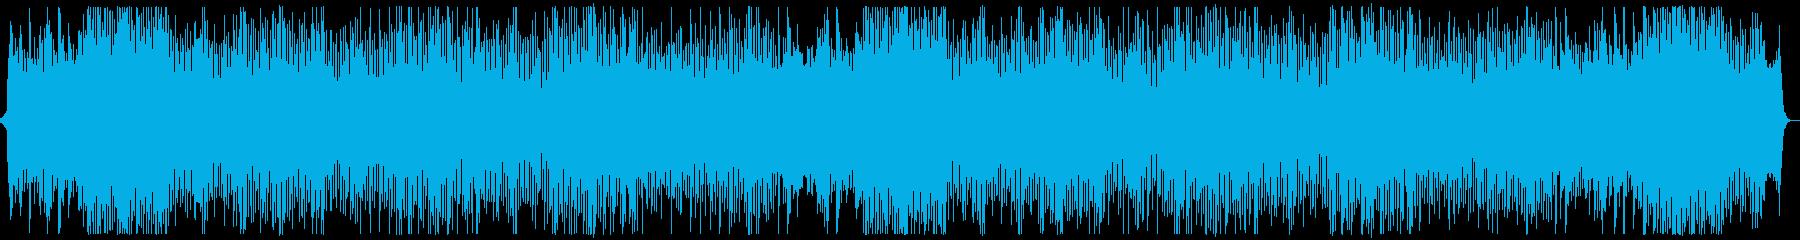 躍動的なシンセポップオーケストラx2の再生済みの波形